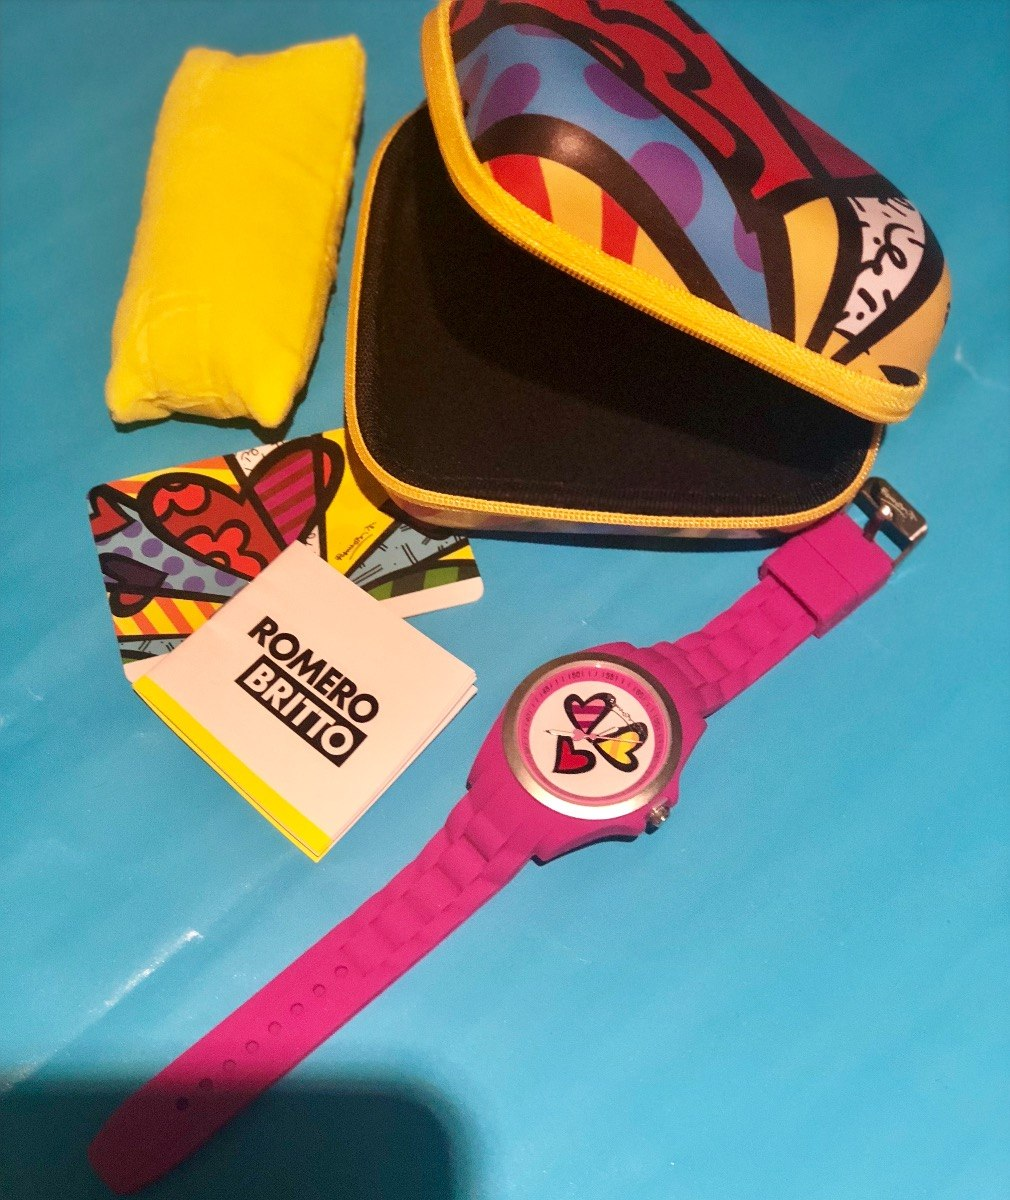 Reloj Mujer Britto Pulsera Envio De Con Para Romero Gratis YyIfgb6v7